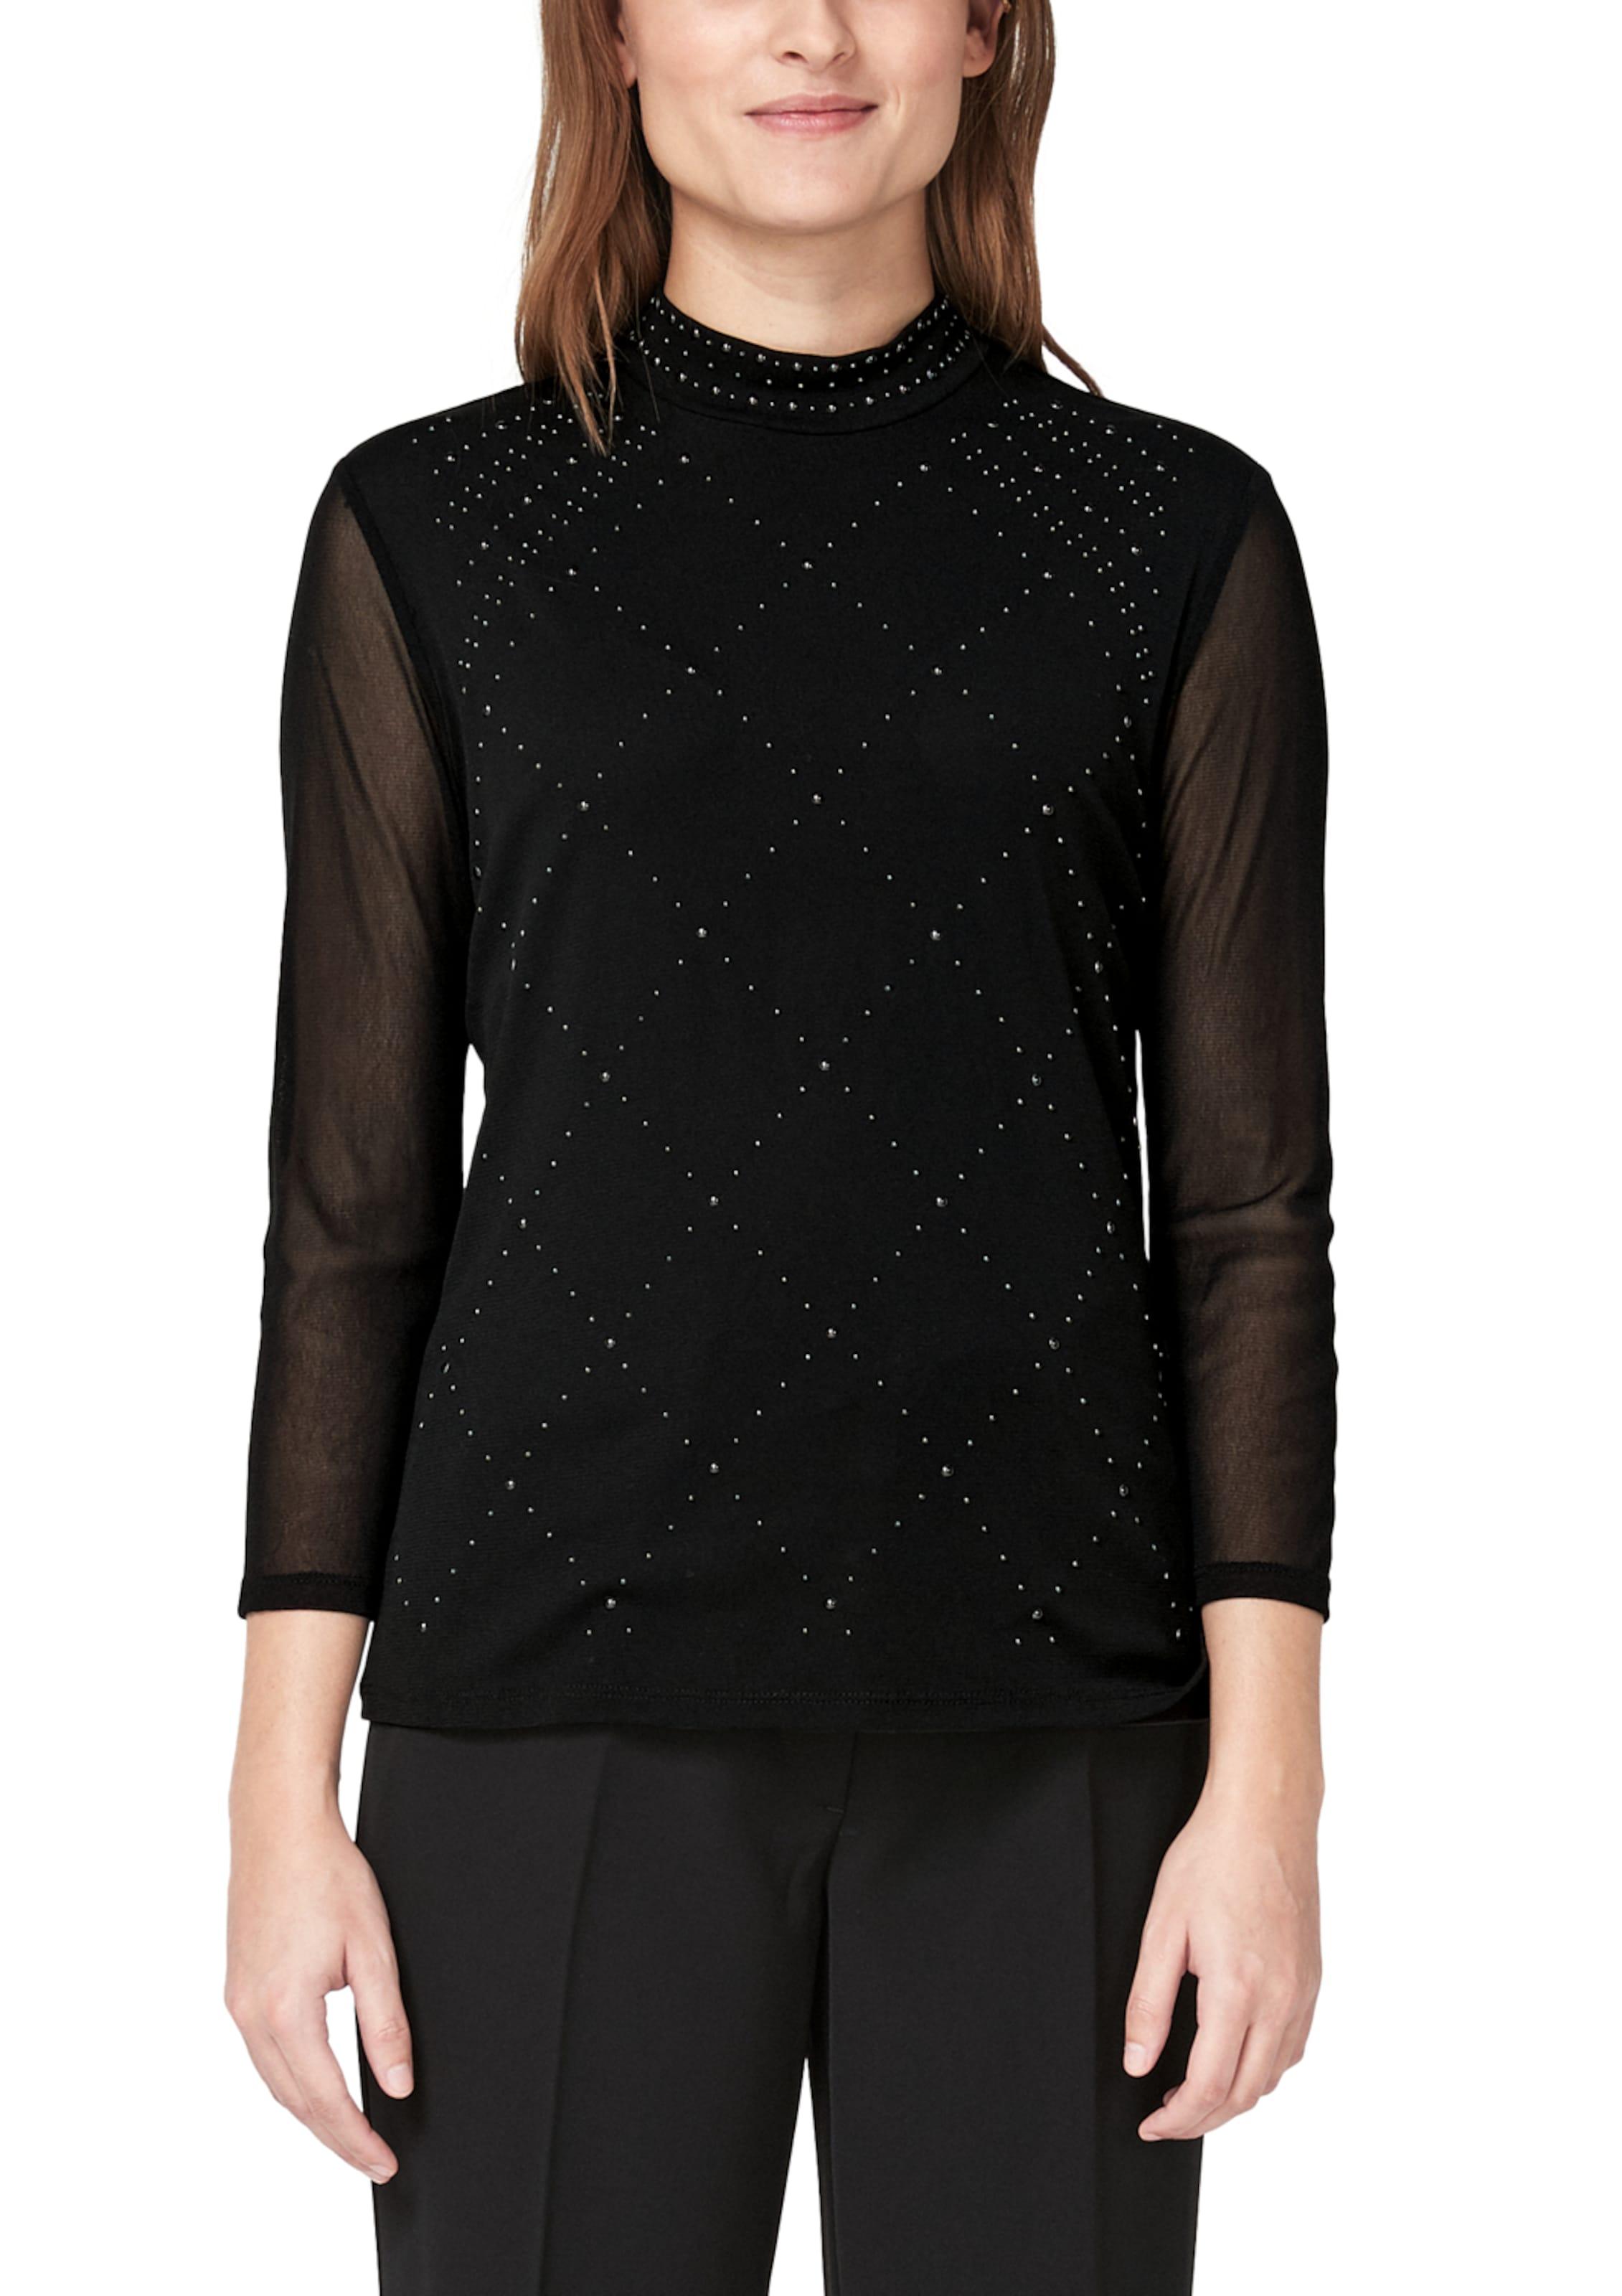 Schwarz Shirt oliver In Black Label S L4q5A3Rj